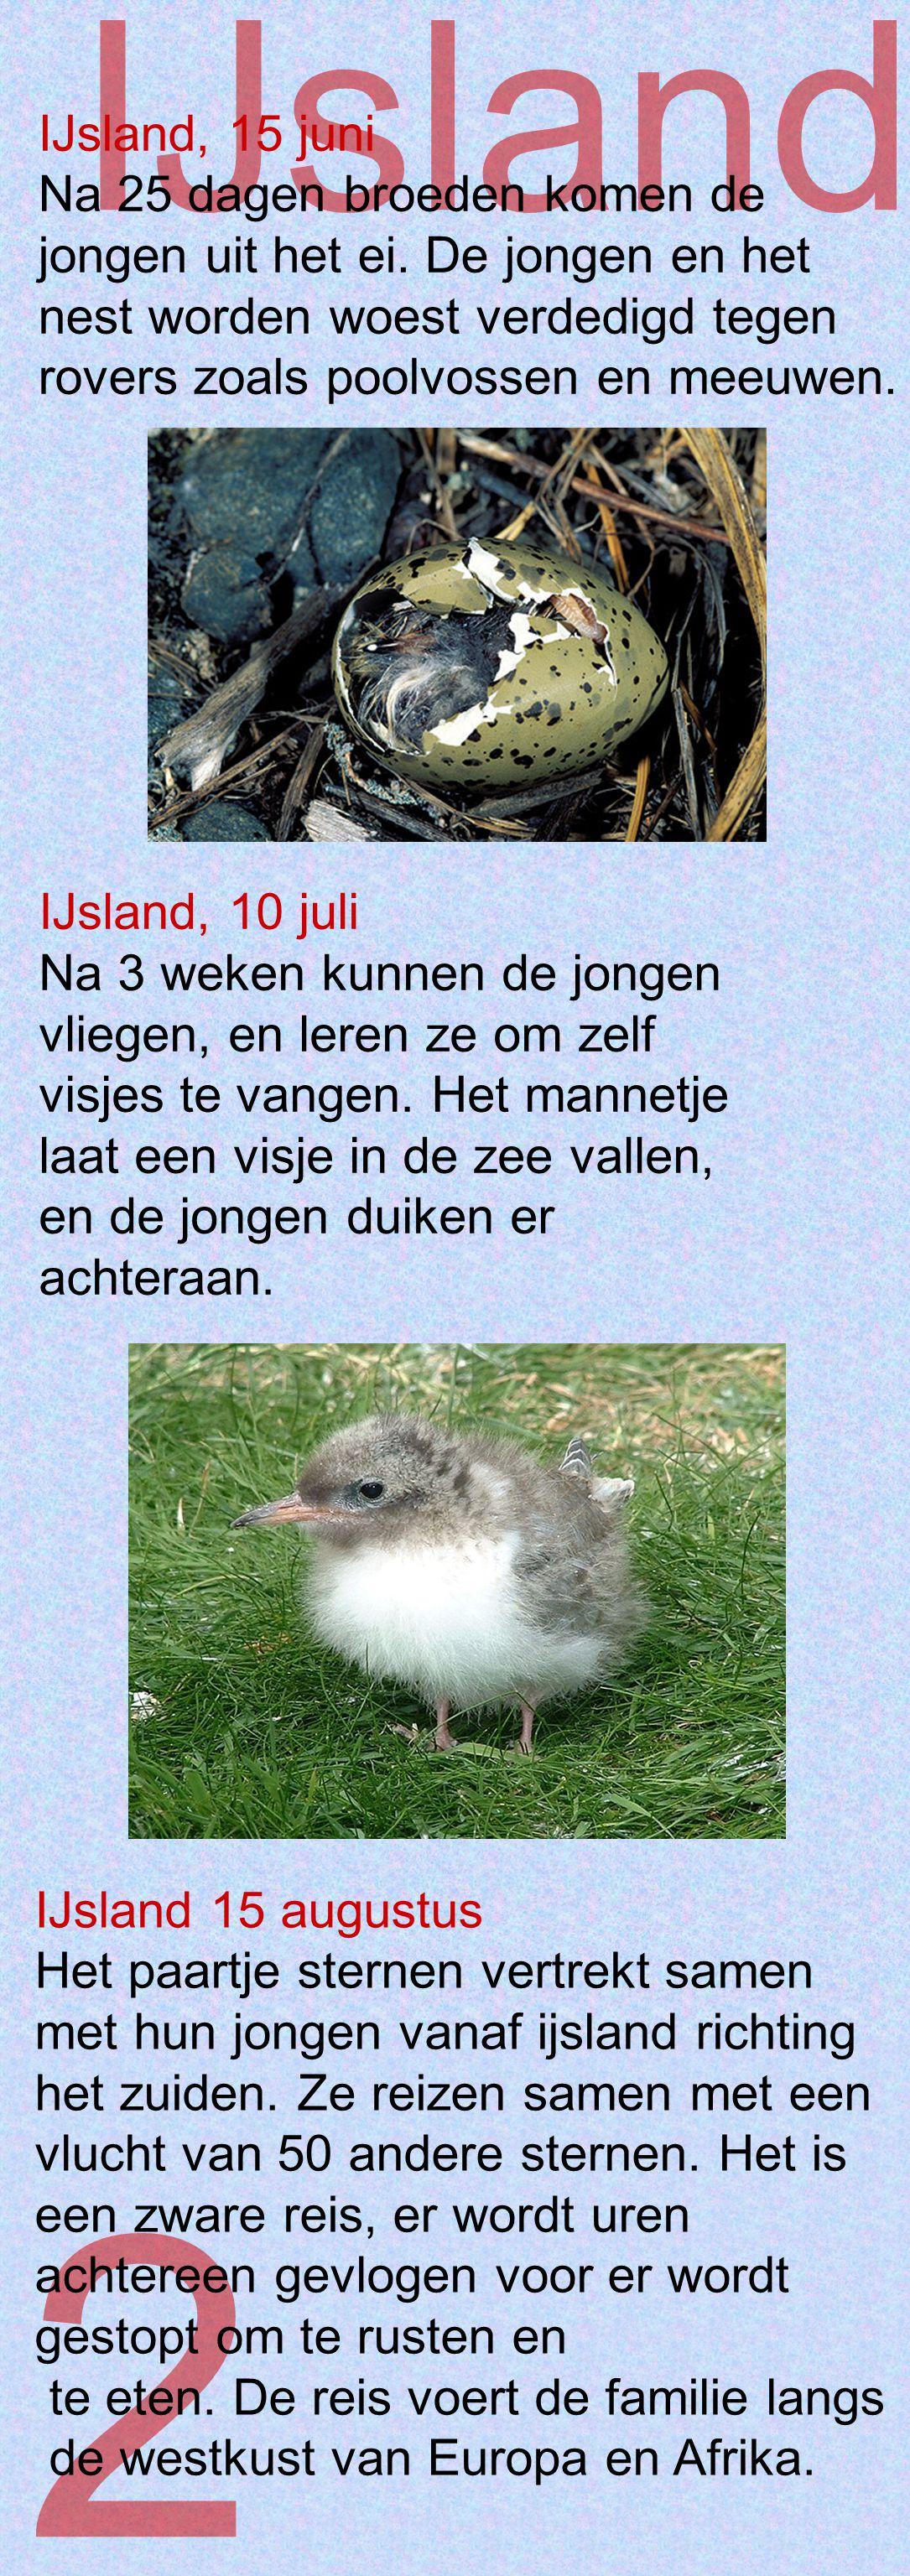 2 IJsland IJsland, 15 juni Na 25 dagen broeden komen de jongen uit het ei.